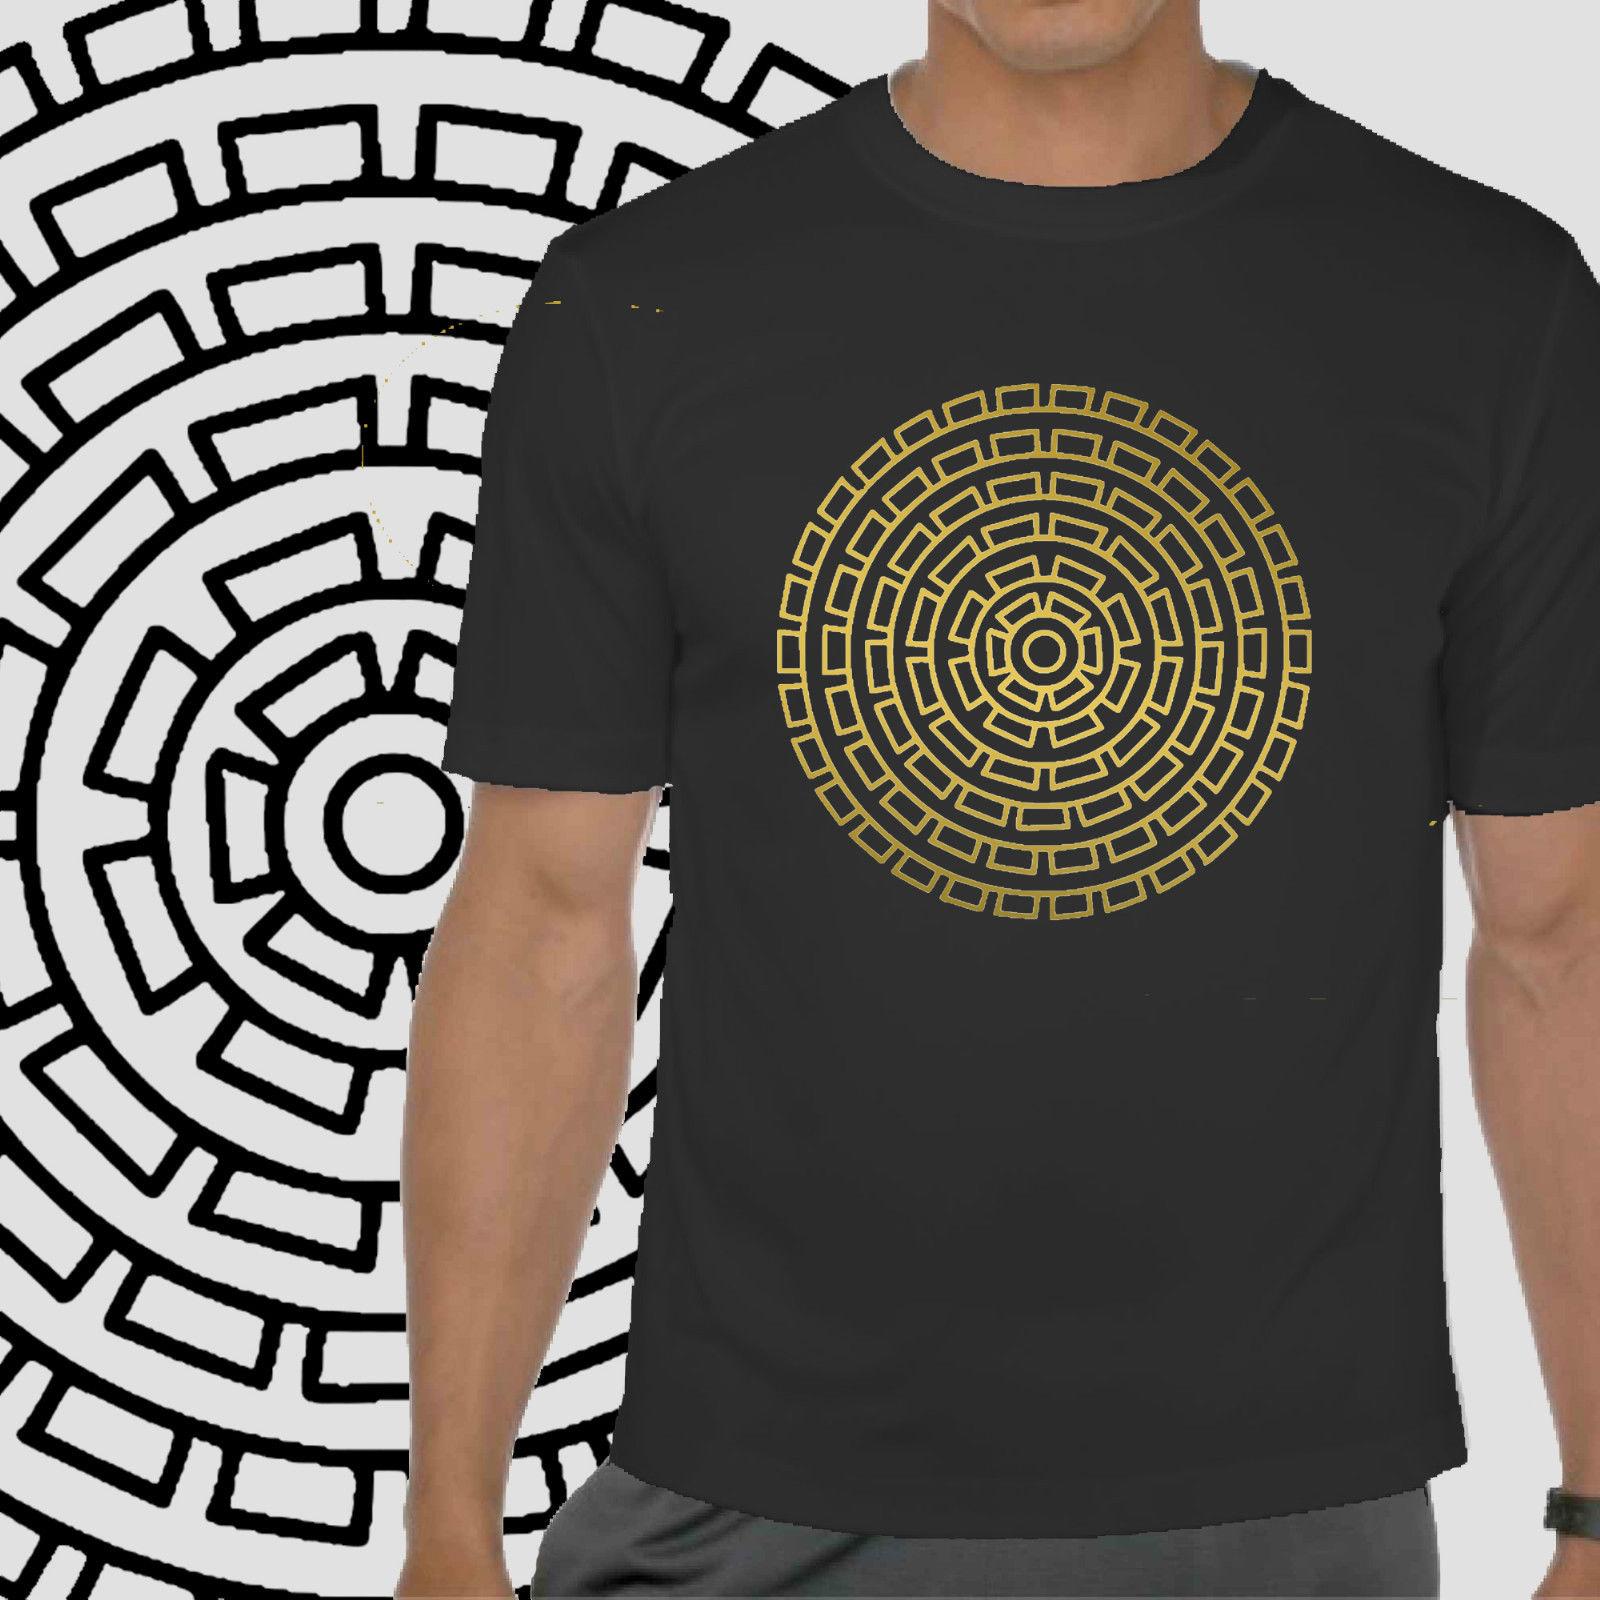 Mandala Tshirt sacred geometry mens yoga indie T festival spiritual Tshirt Cool Casual pride t shirt men Unisex Fashion